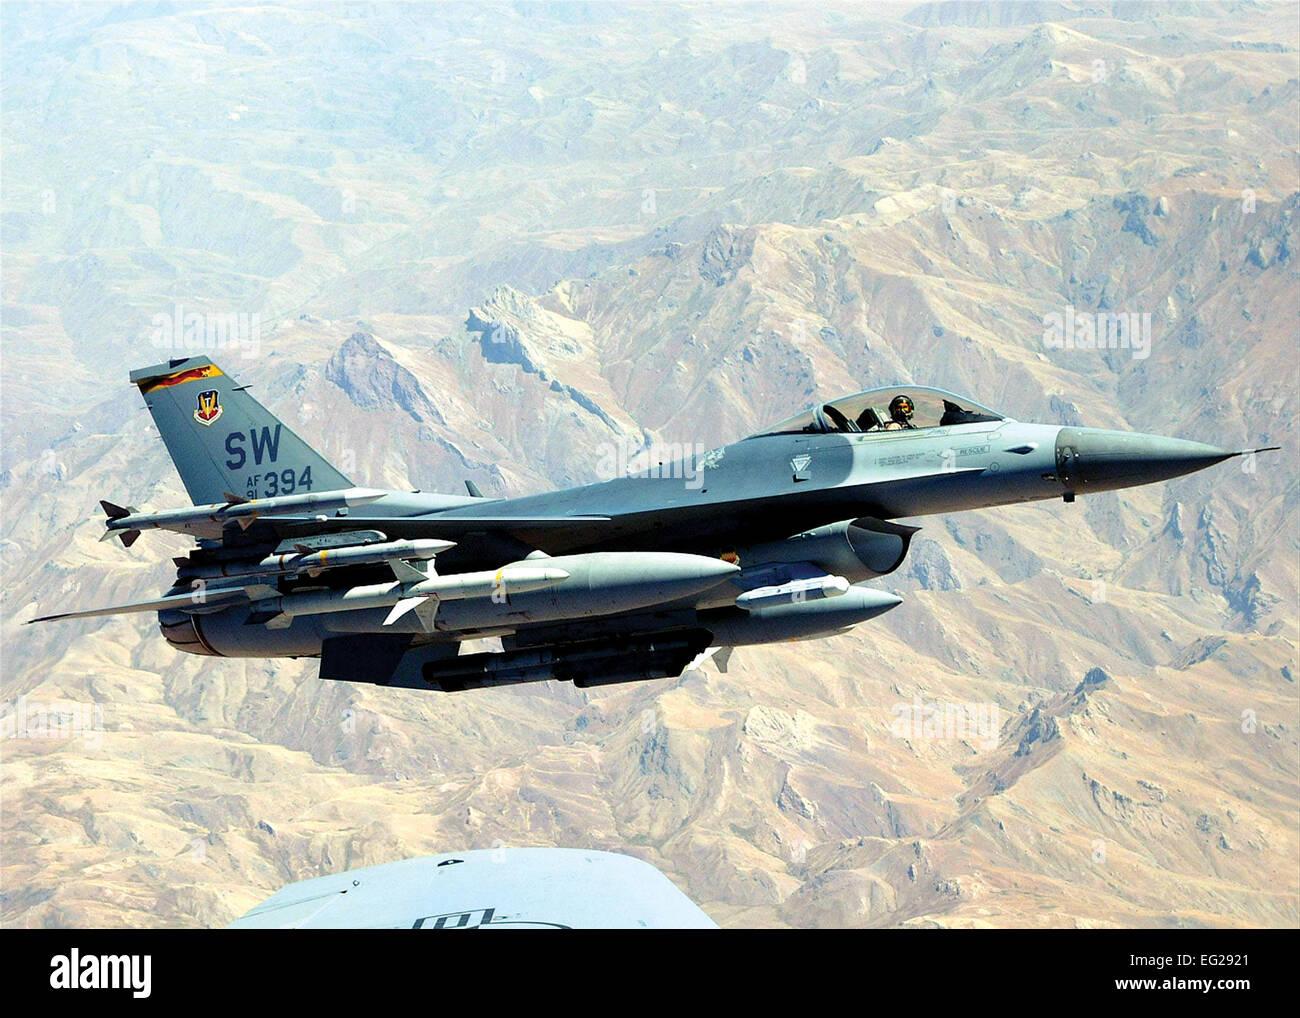 F-16A/B/C/D combates Falcon función primaria: Multi-función de caza. Velocidad: 1.500 km/h. Dimensiones: 32 pies de envergadura. 8.; longitud de 49 pies. 5.; 16 pies de altura. Rango: 2,000 millas unrefueled. Armamento: M-61A1 con cañones de 20 mm 500 rondas; estaciones externas llevar hasta seis misiles aire-aire, convencional de aire-aire y aire-superficie y municiones contramedida electrónica vainas. M129, MK-82/84, GBU-10/12/24/27/31/38, CBU-87/89/97/103/104/105/107, GM- 65/88/154/158, las armas nucleares. Tripulación: F-16C, uno; F-16D, uno o dos. Foto de stock